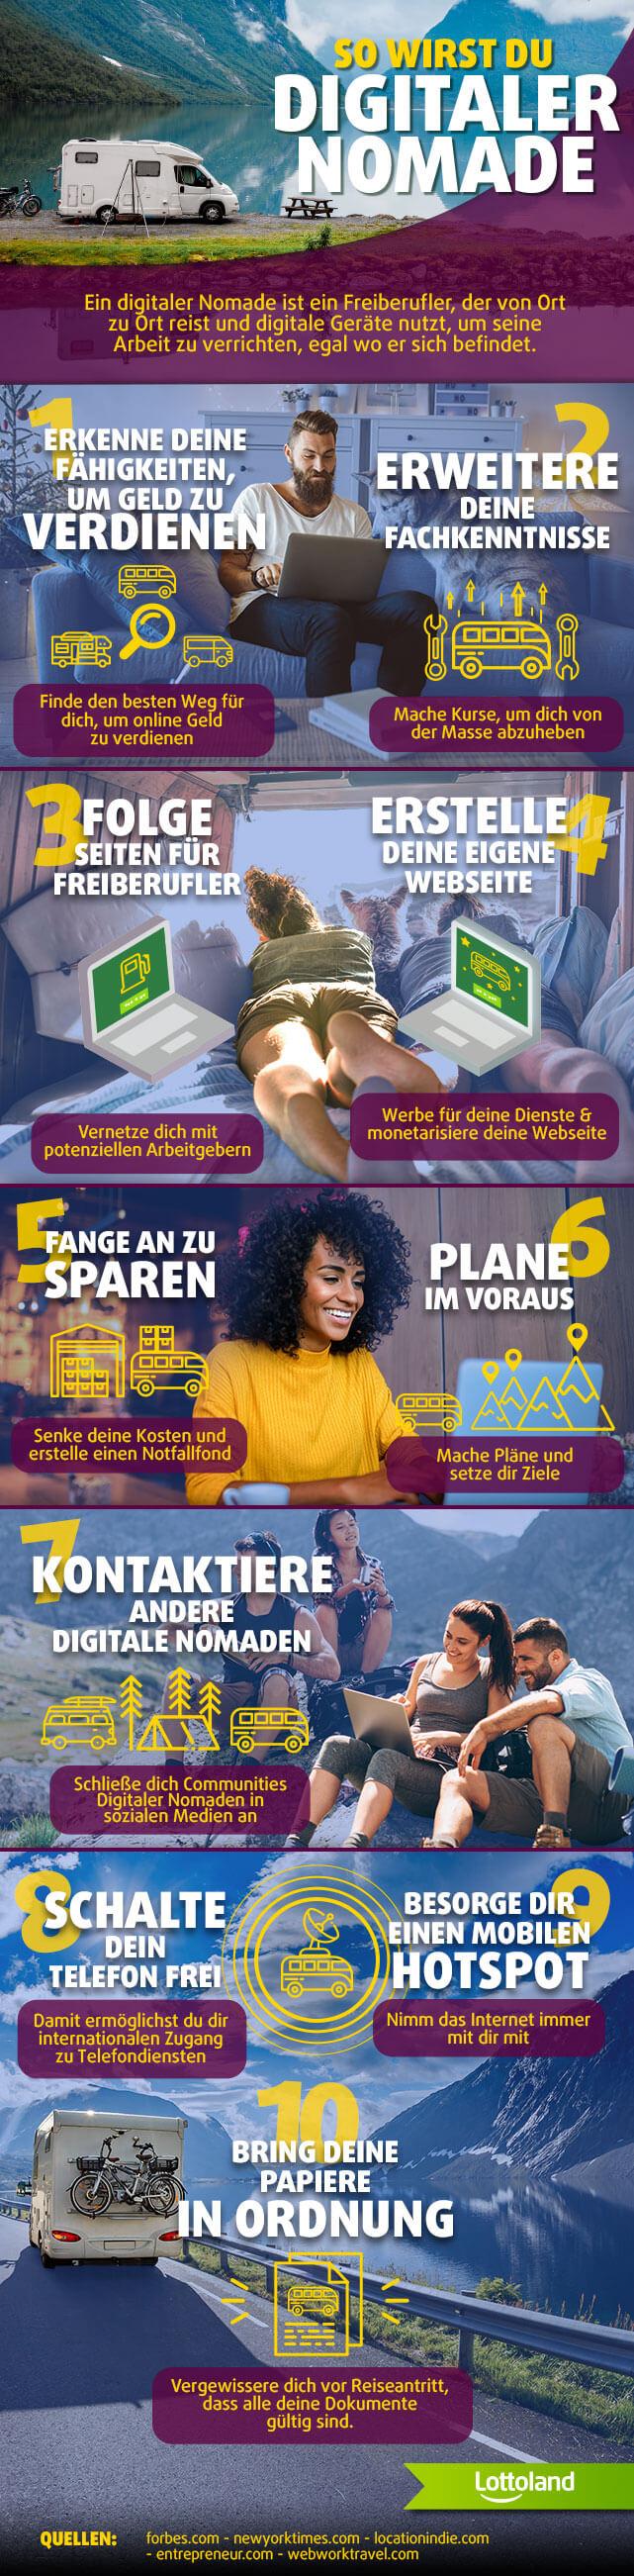 Infografik mit Tipps, wie man zum digitalen Nomaden wird